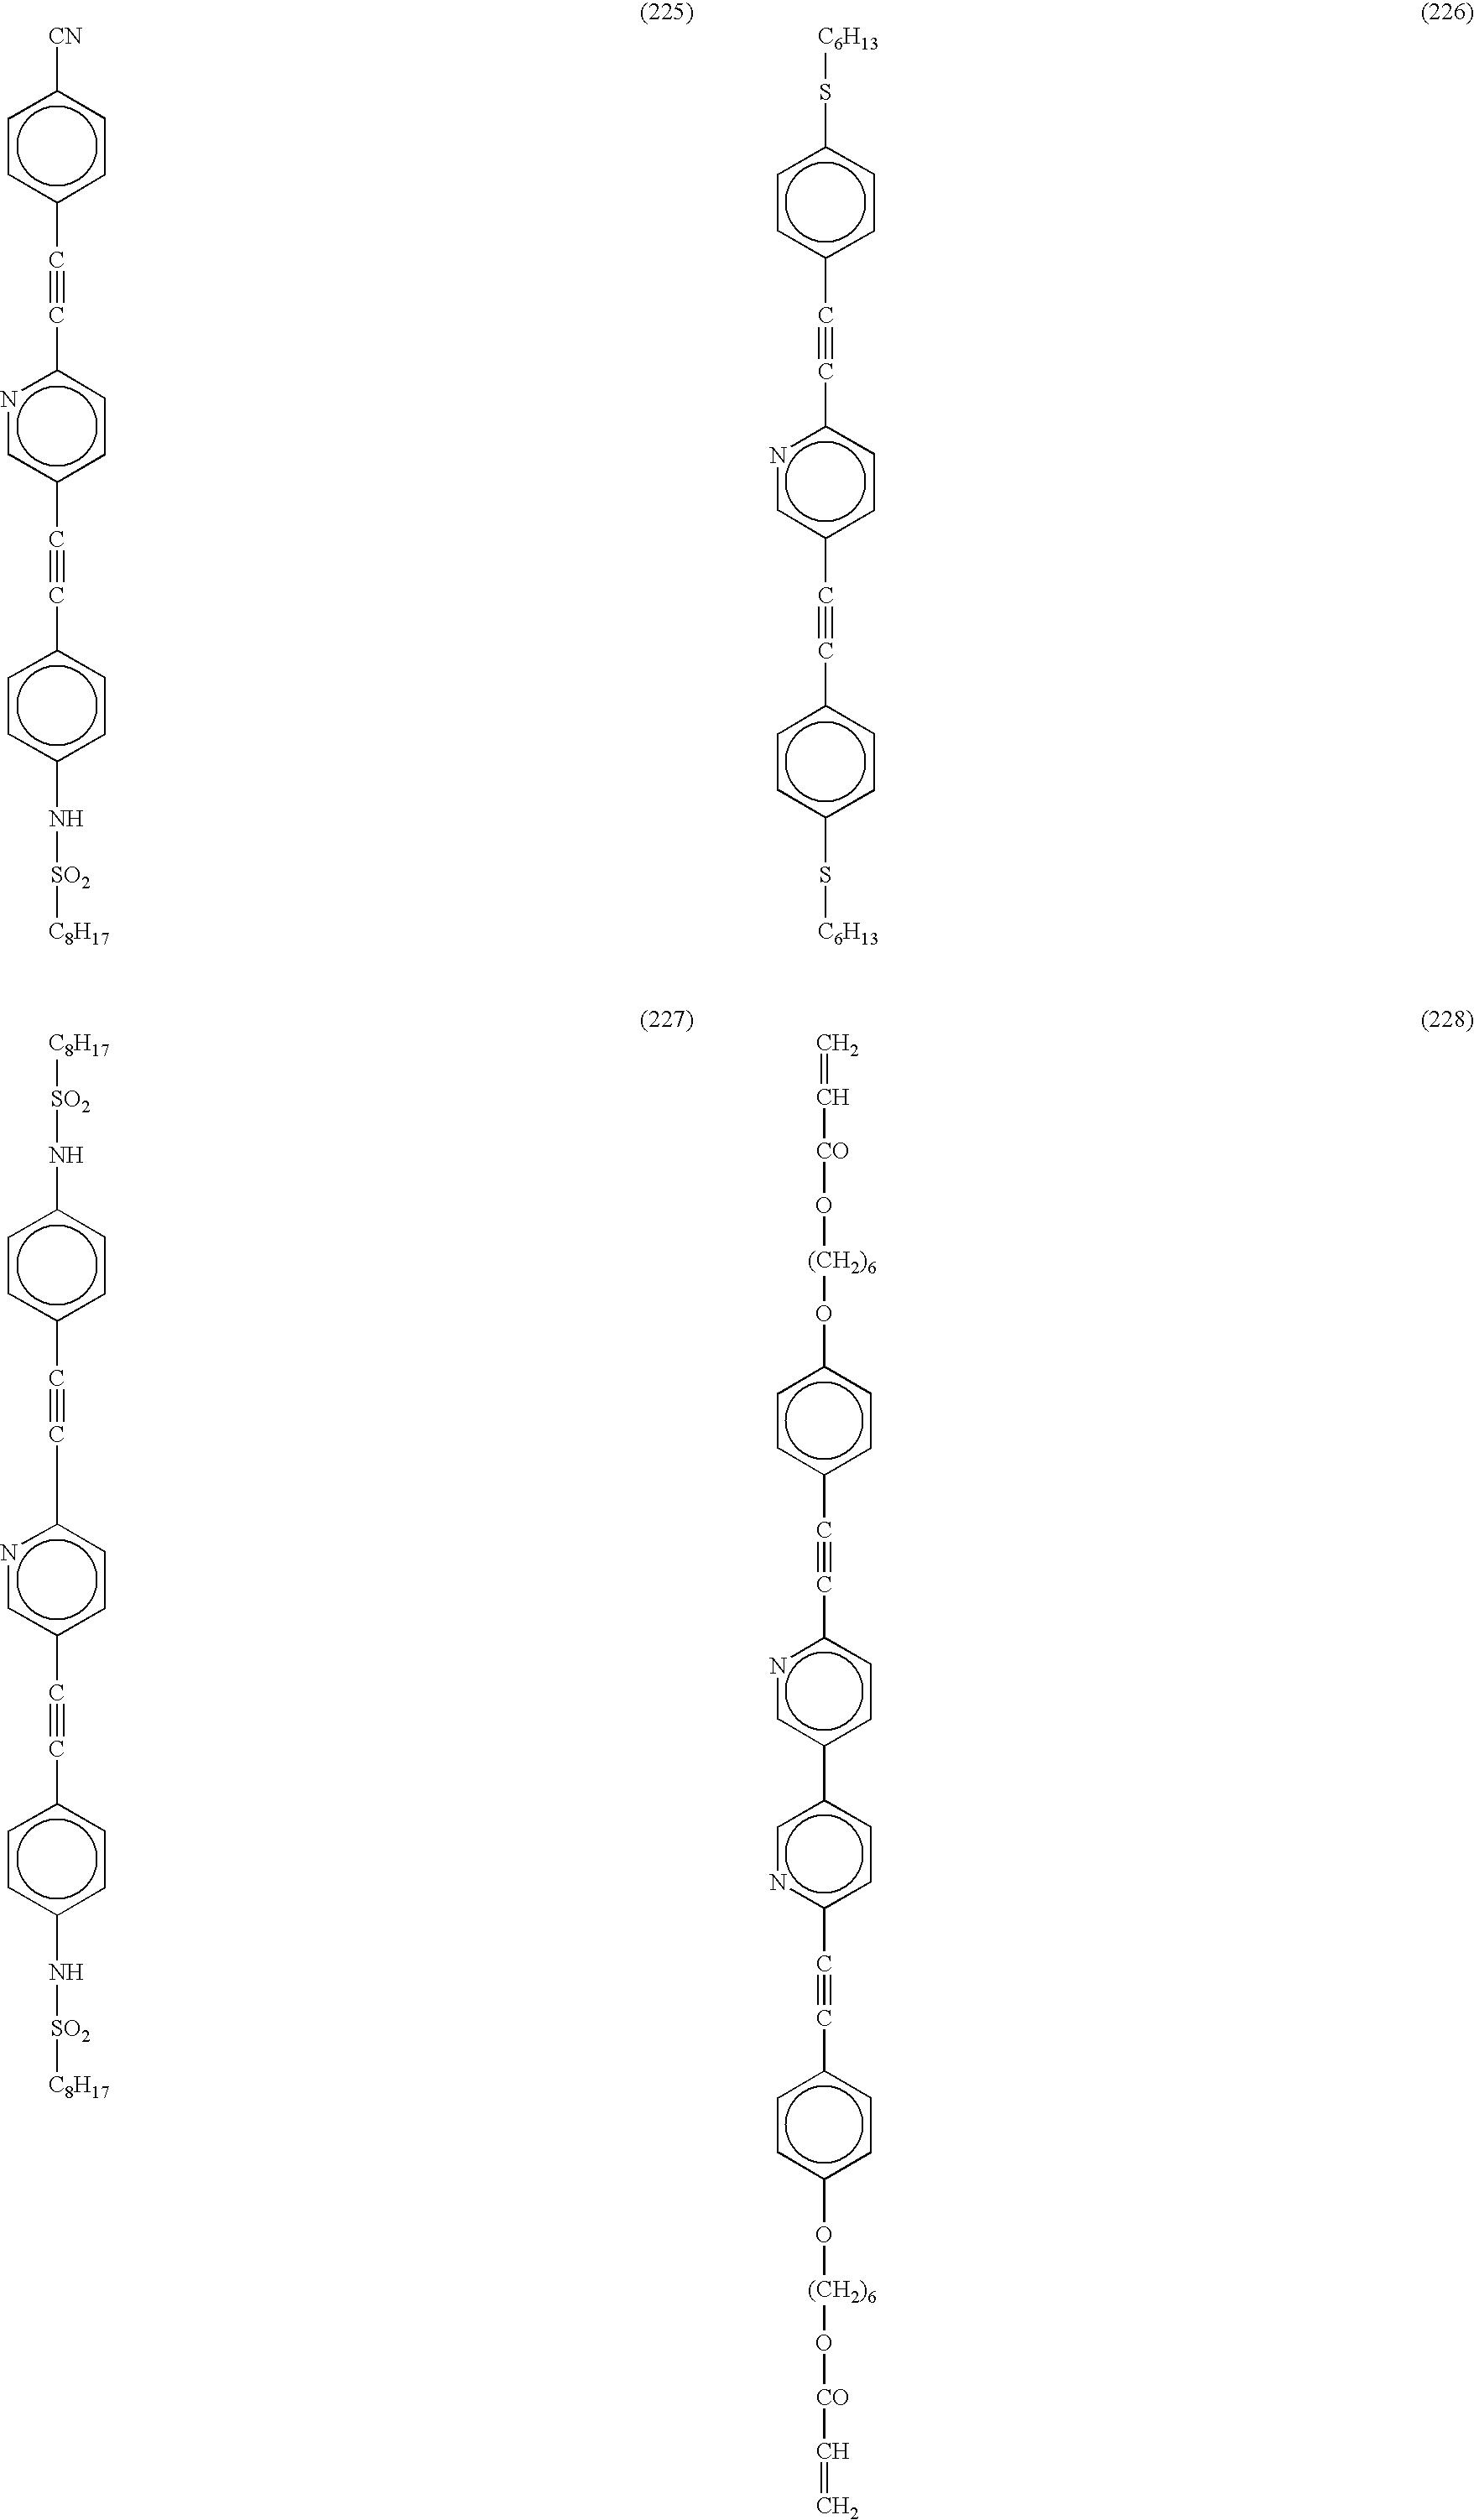 Figure US07128953-20061031-C00035